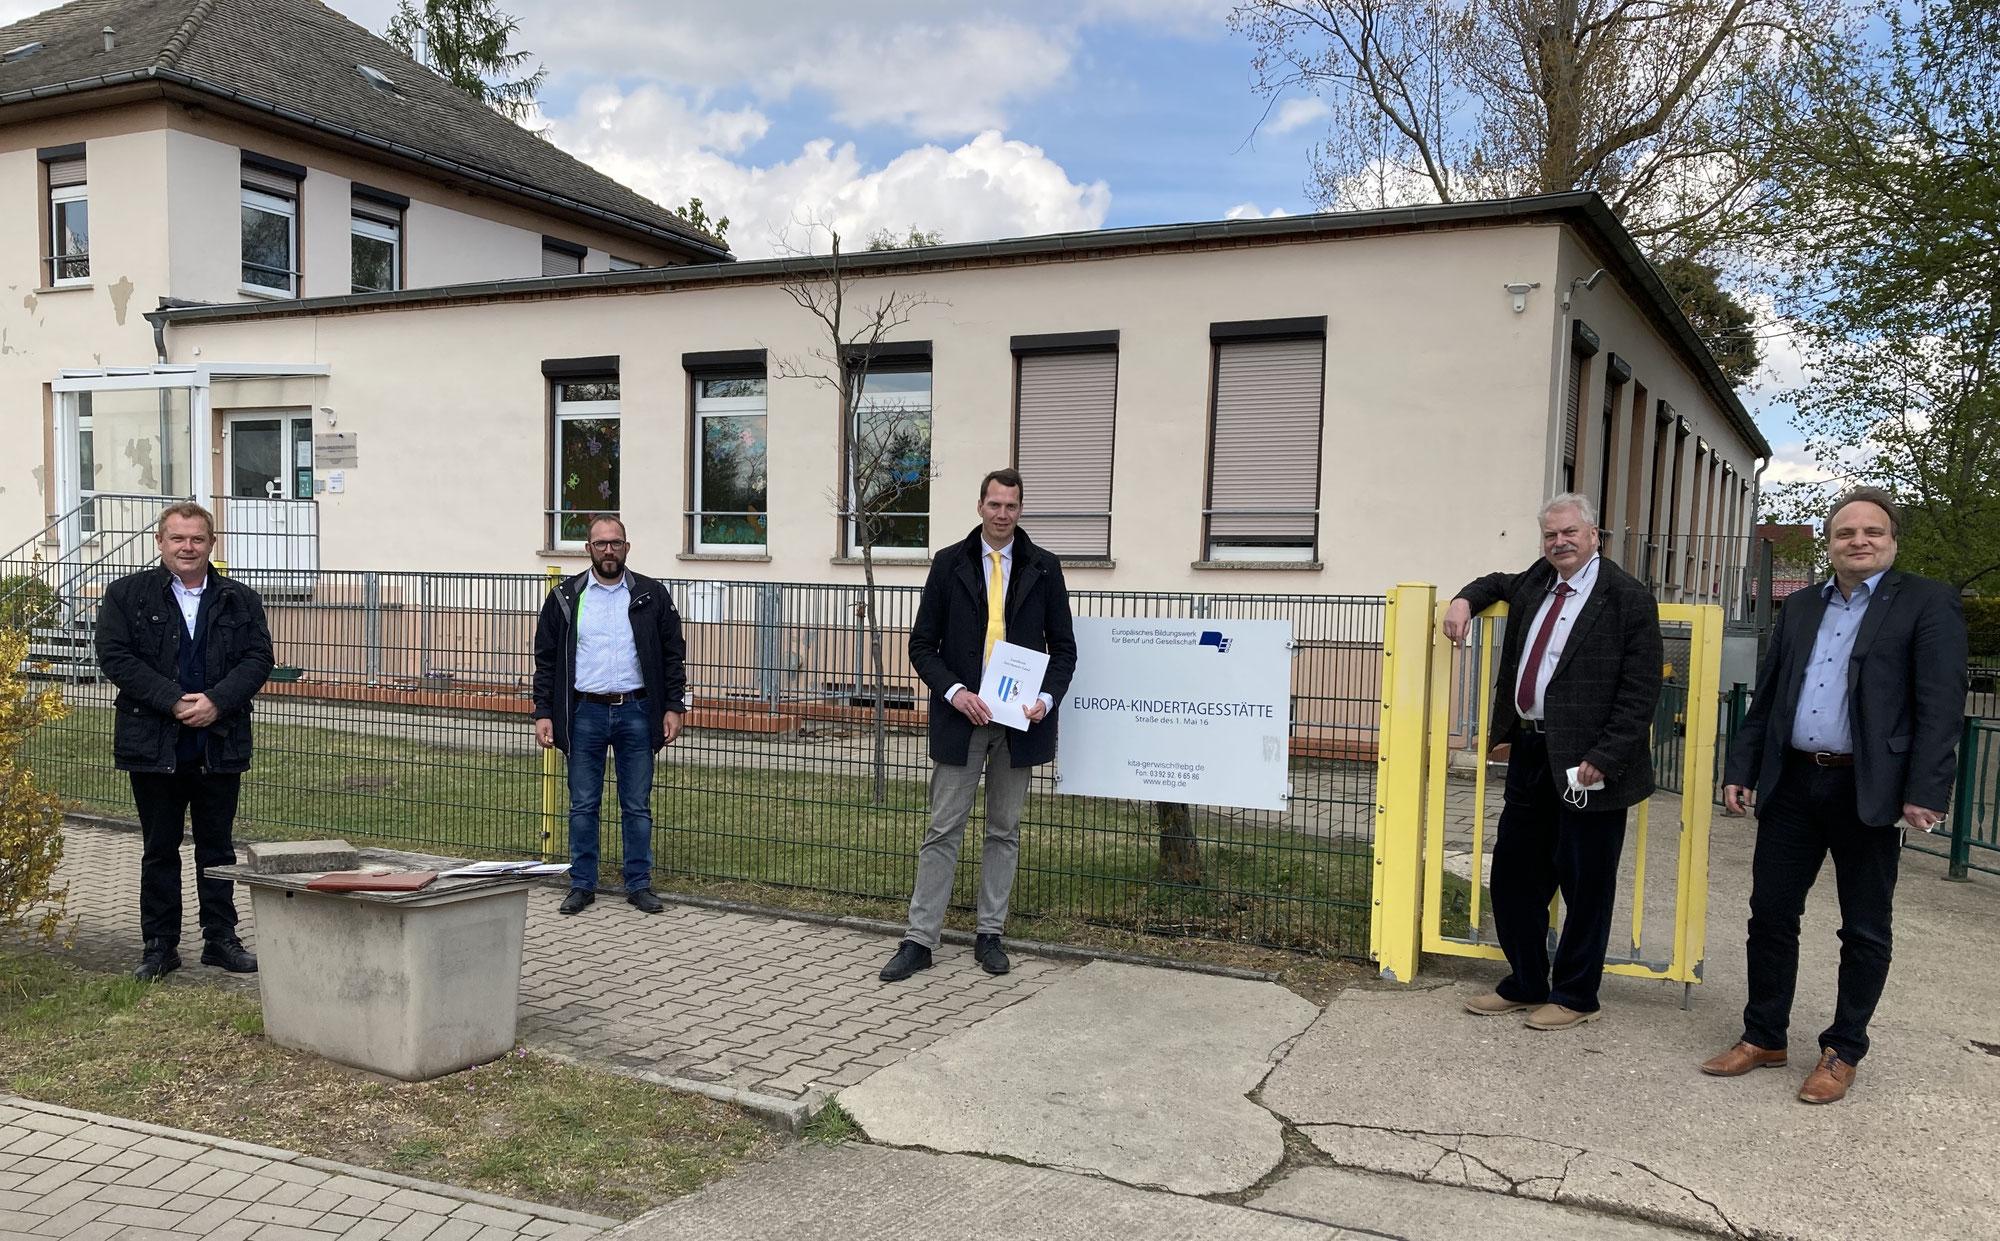 Gerwischer Kita wird für 1,3 Millionen Euro erweitert